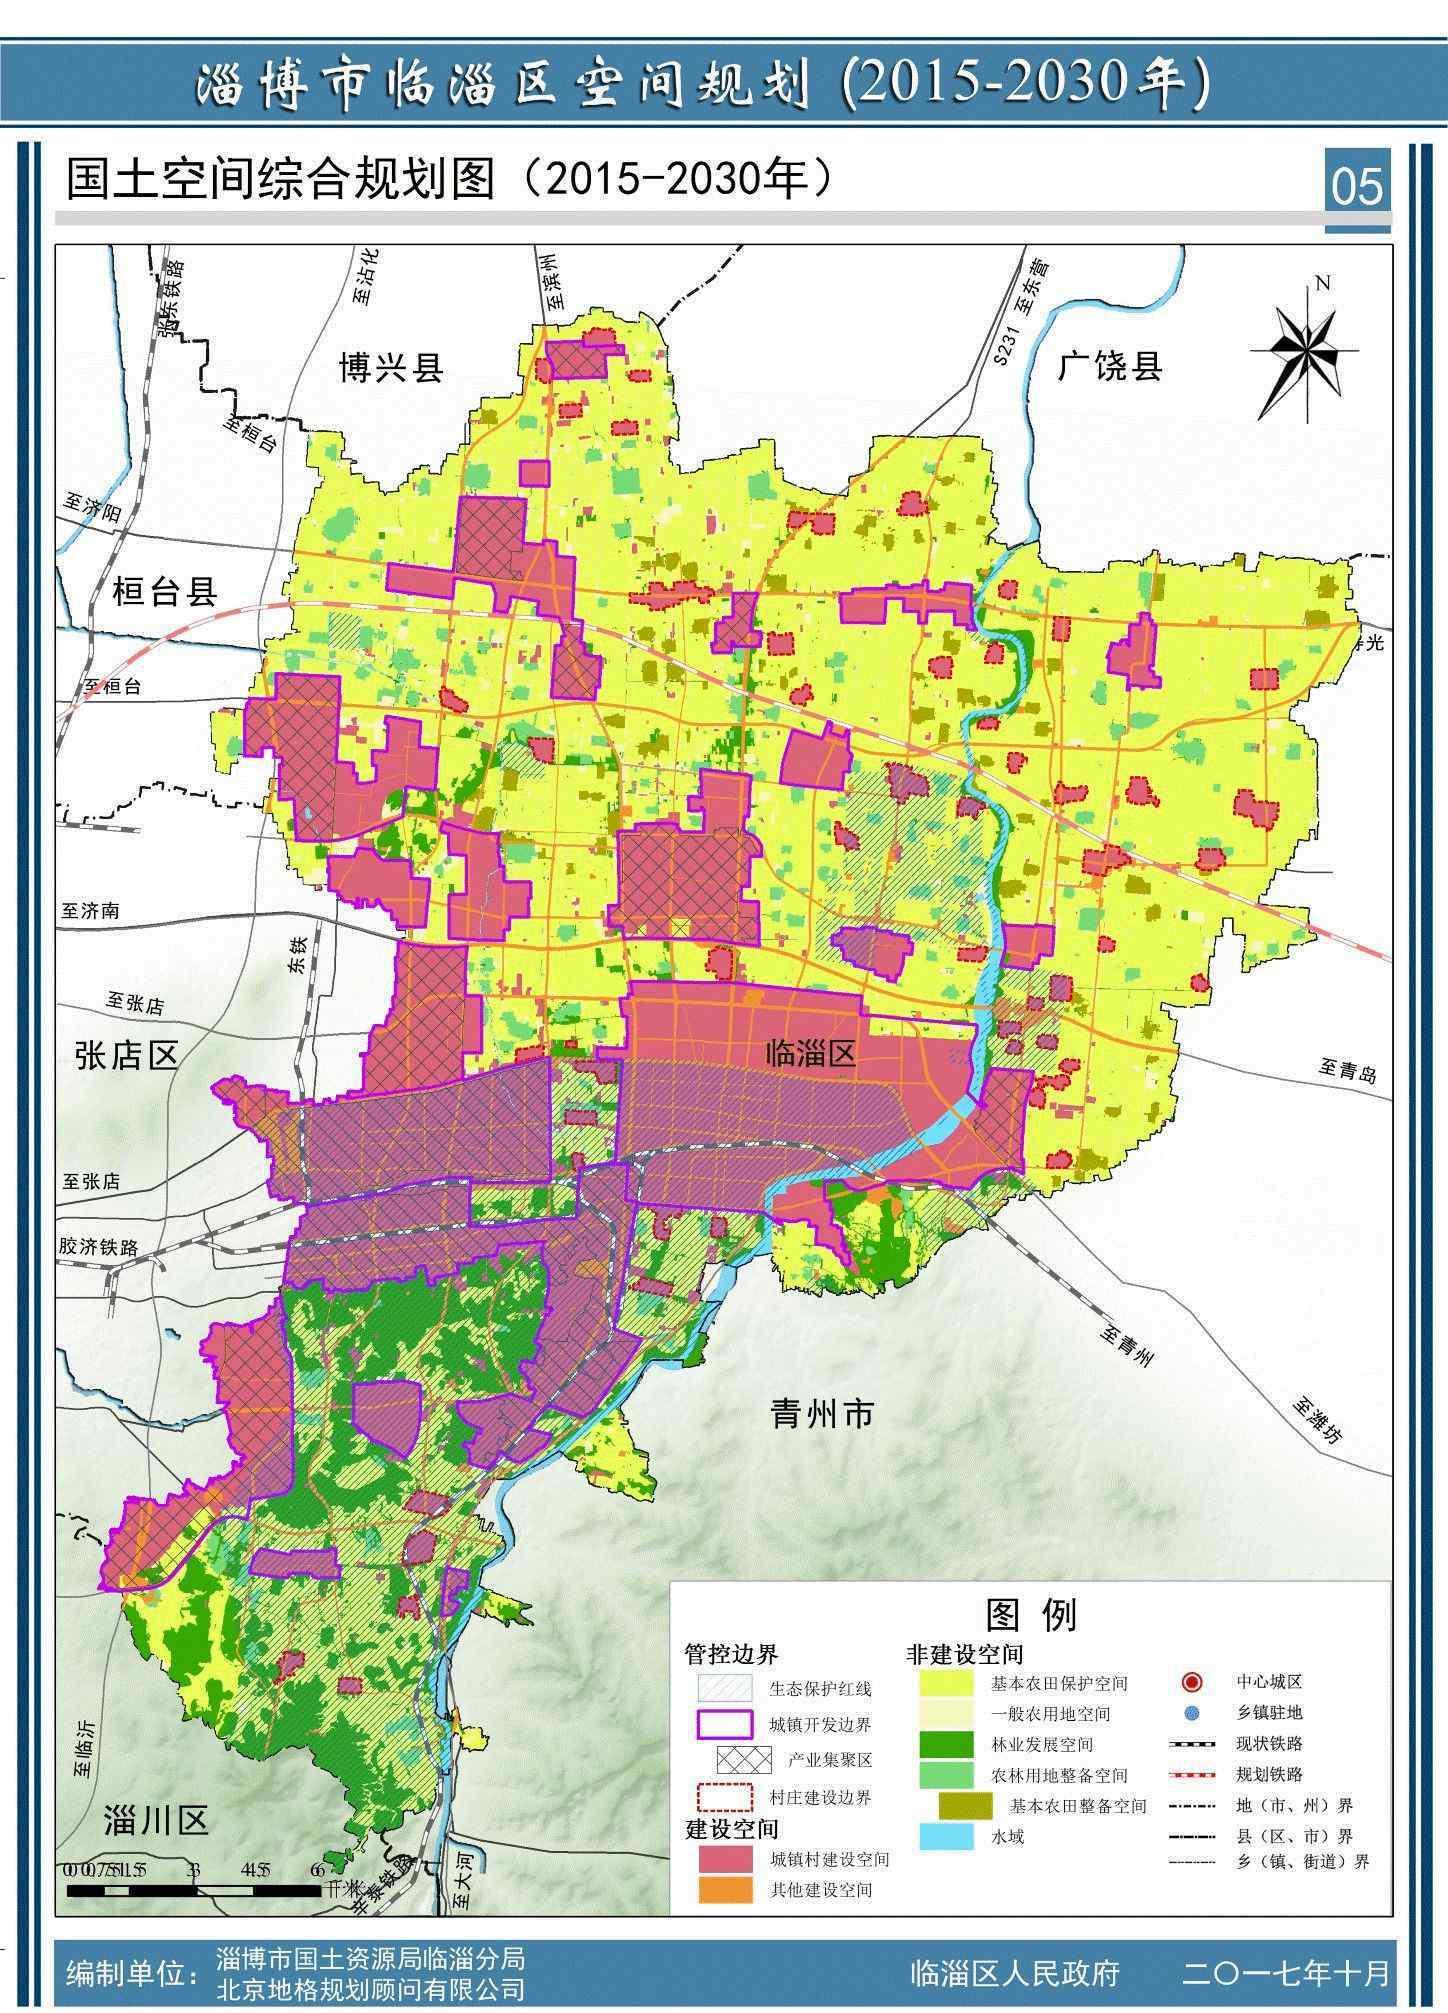 临淄区 临淄区最新规划图出来啦!涉及交通、城建、旅游……